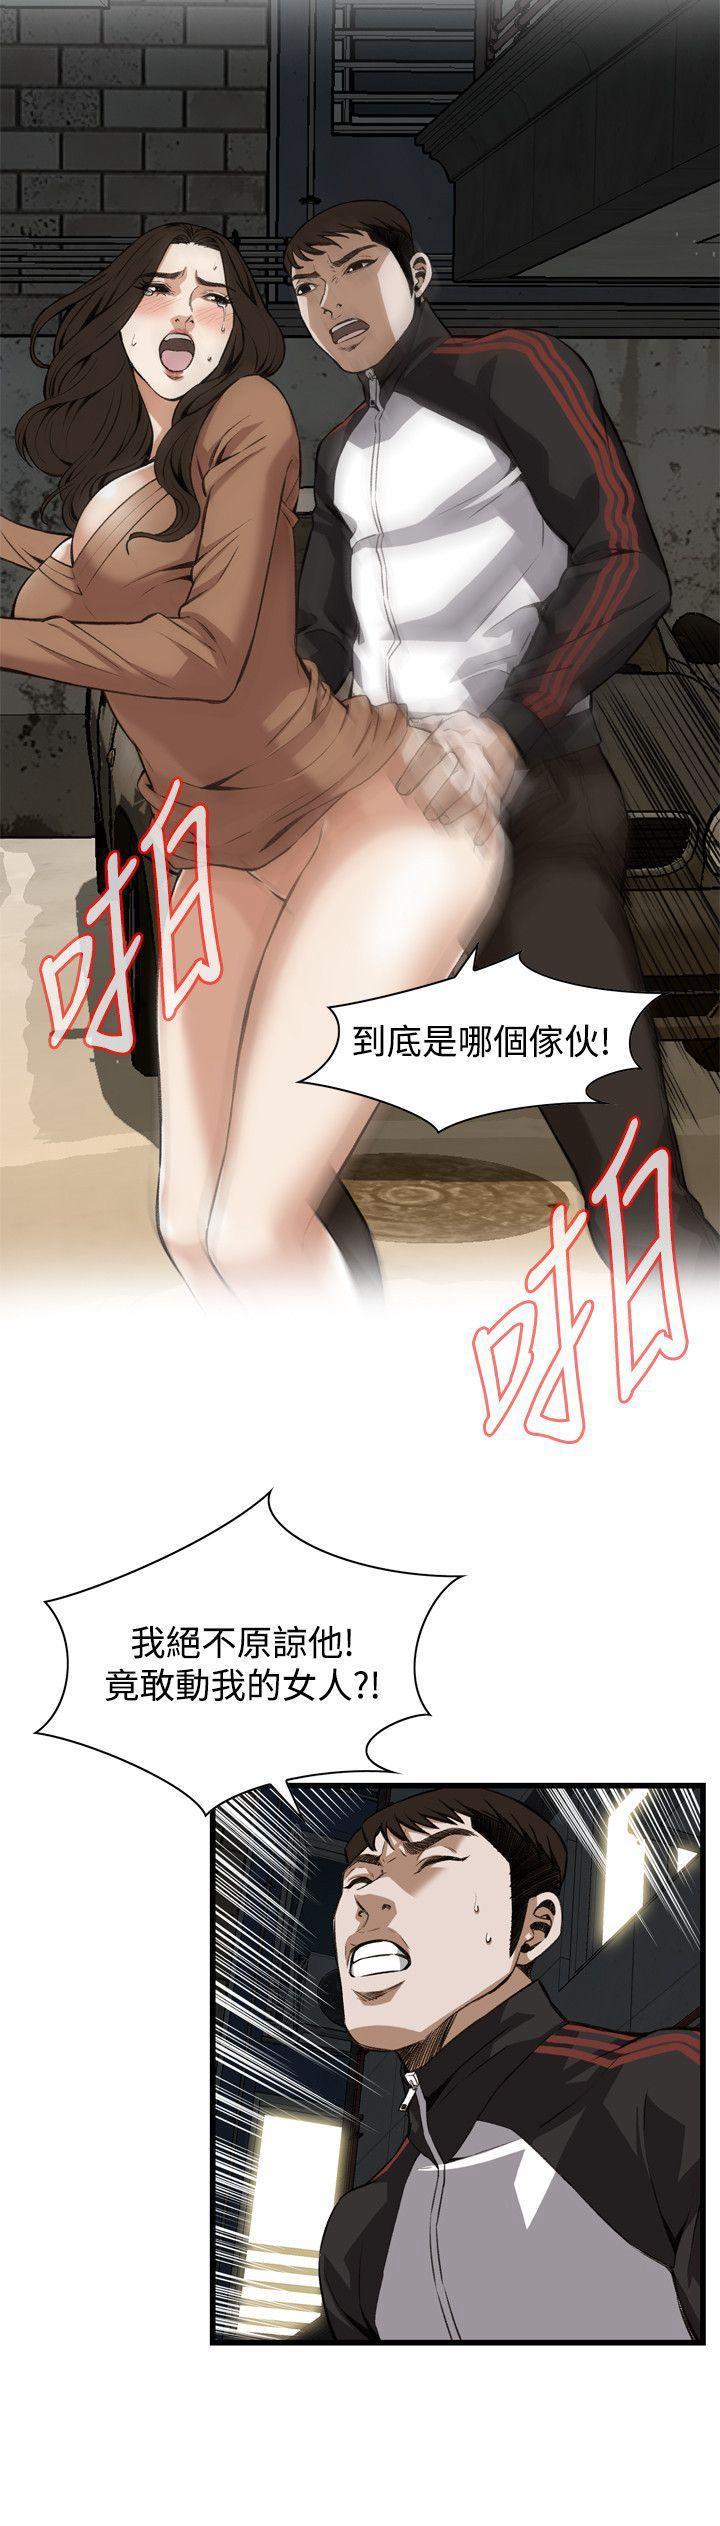 偷窥72-93 Chinese Rsiky 391